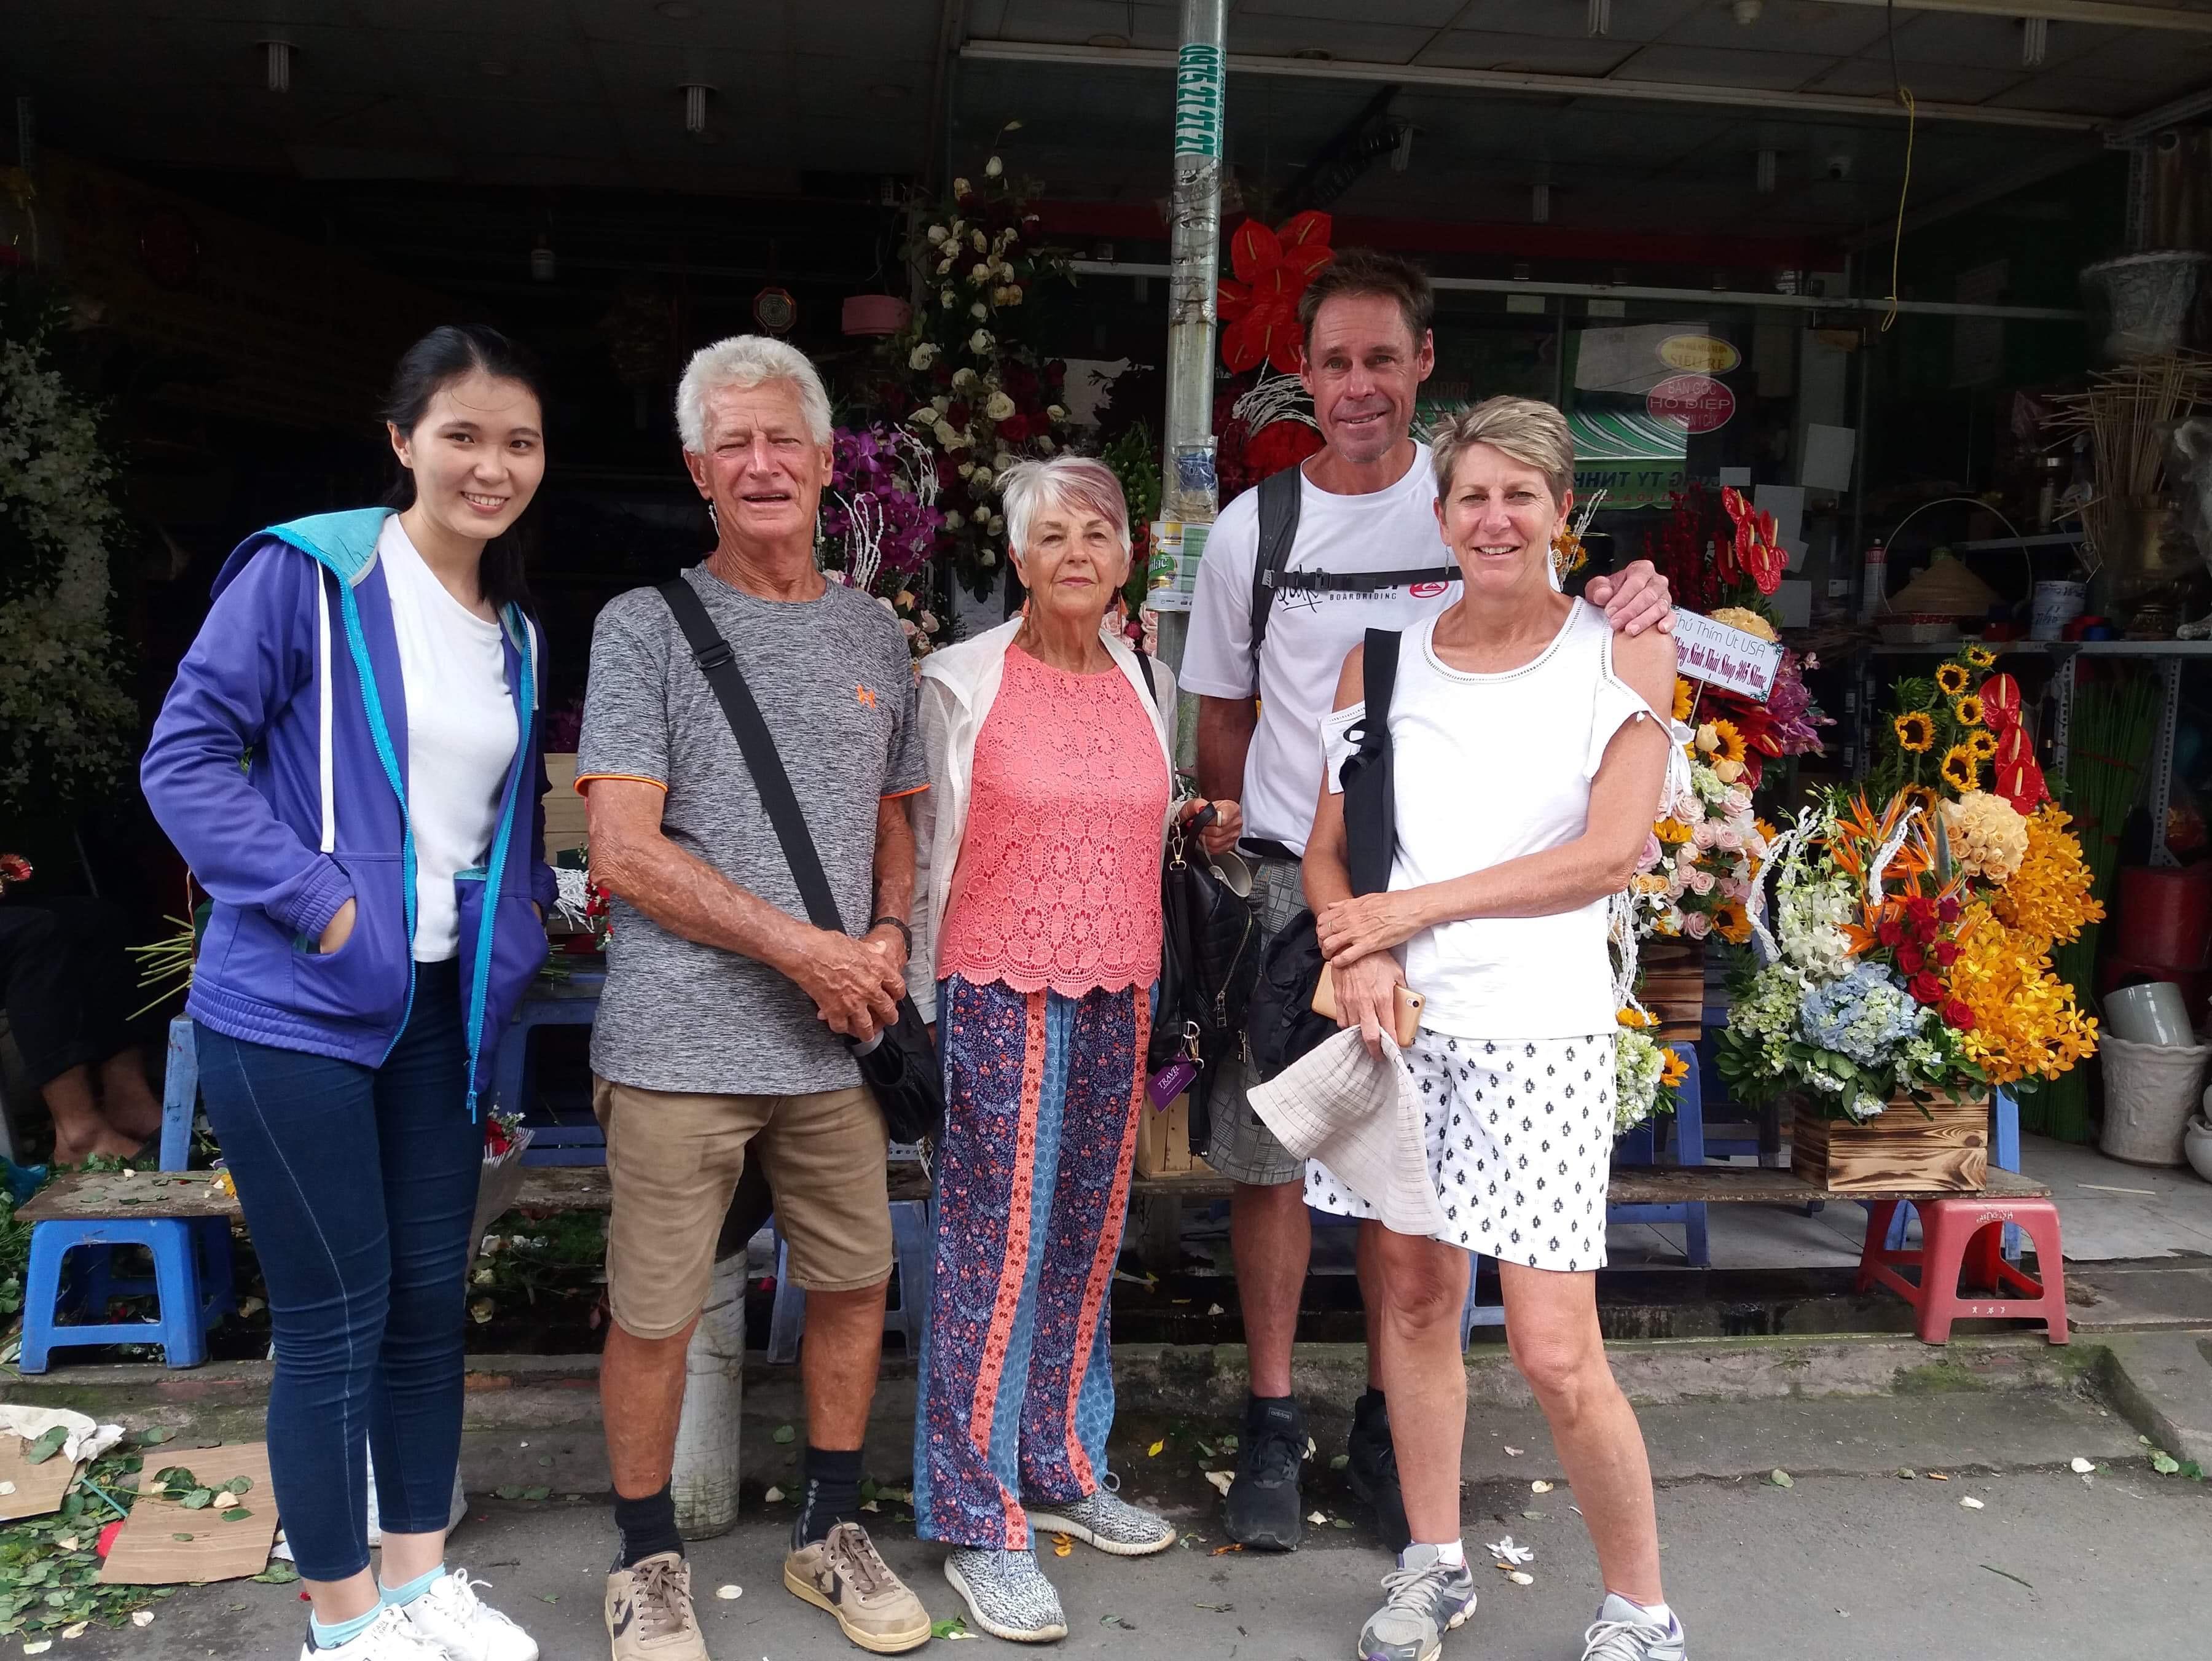 SAIGON MORNING WALKING STREET FOOD TOUR